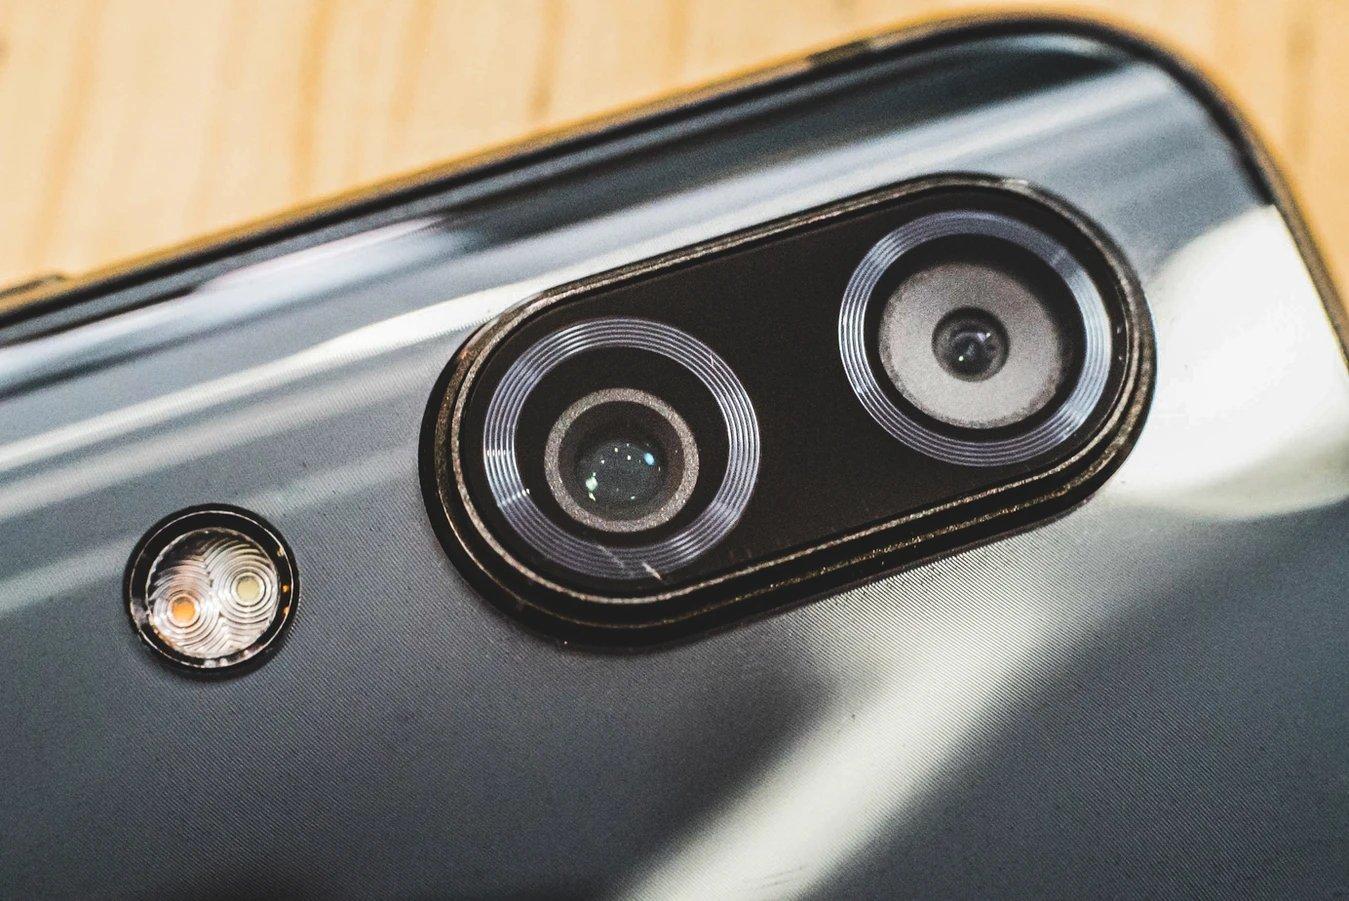 câmara em smartphone